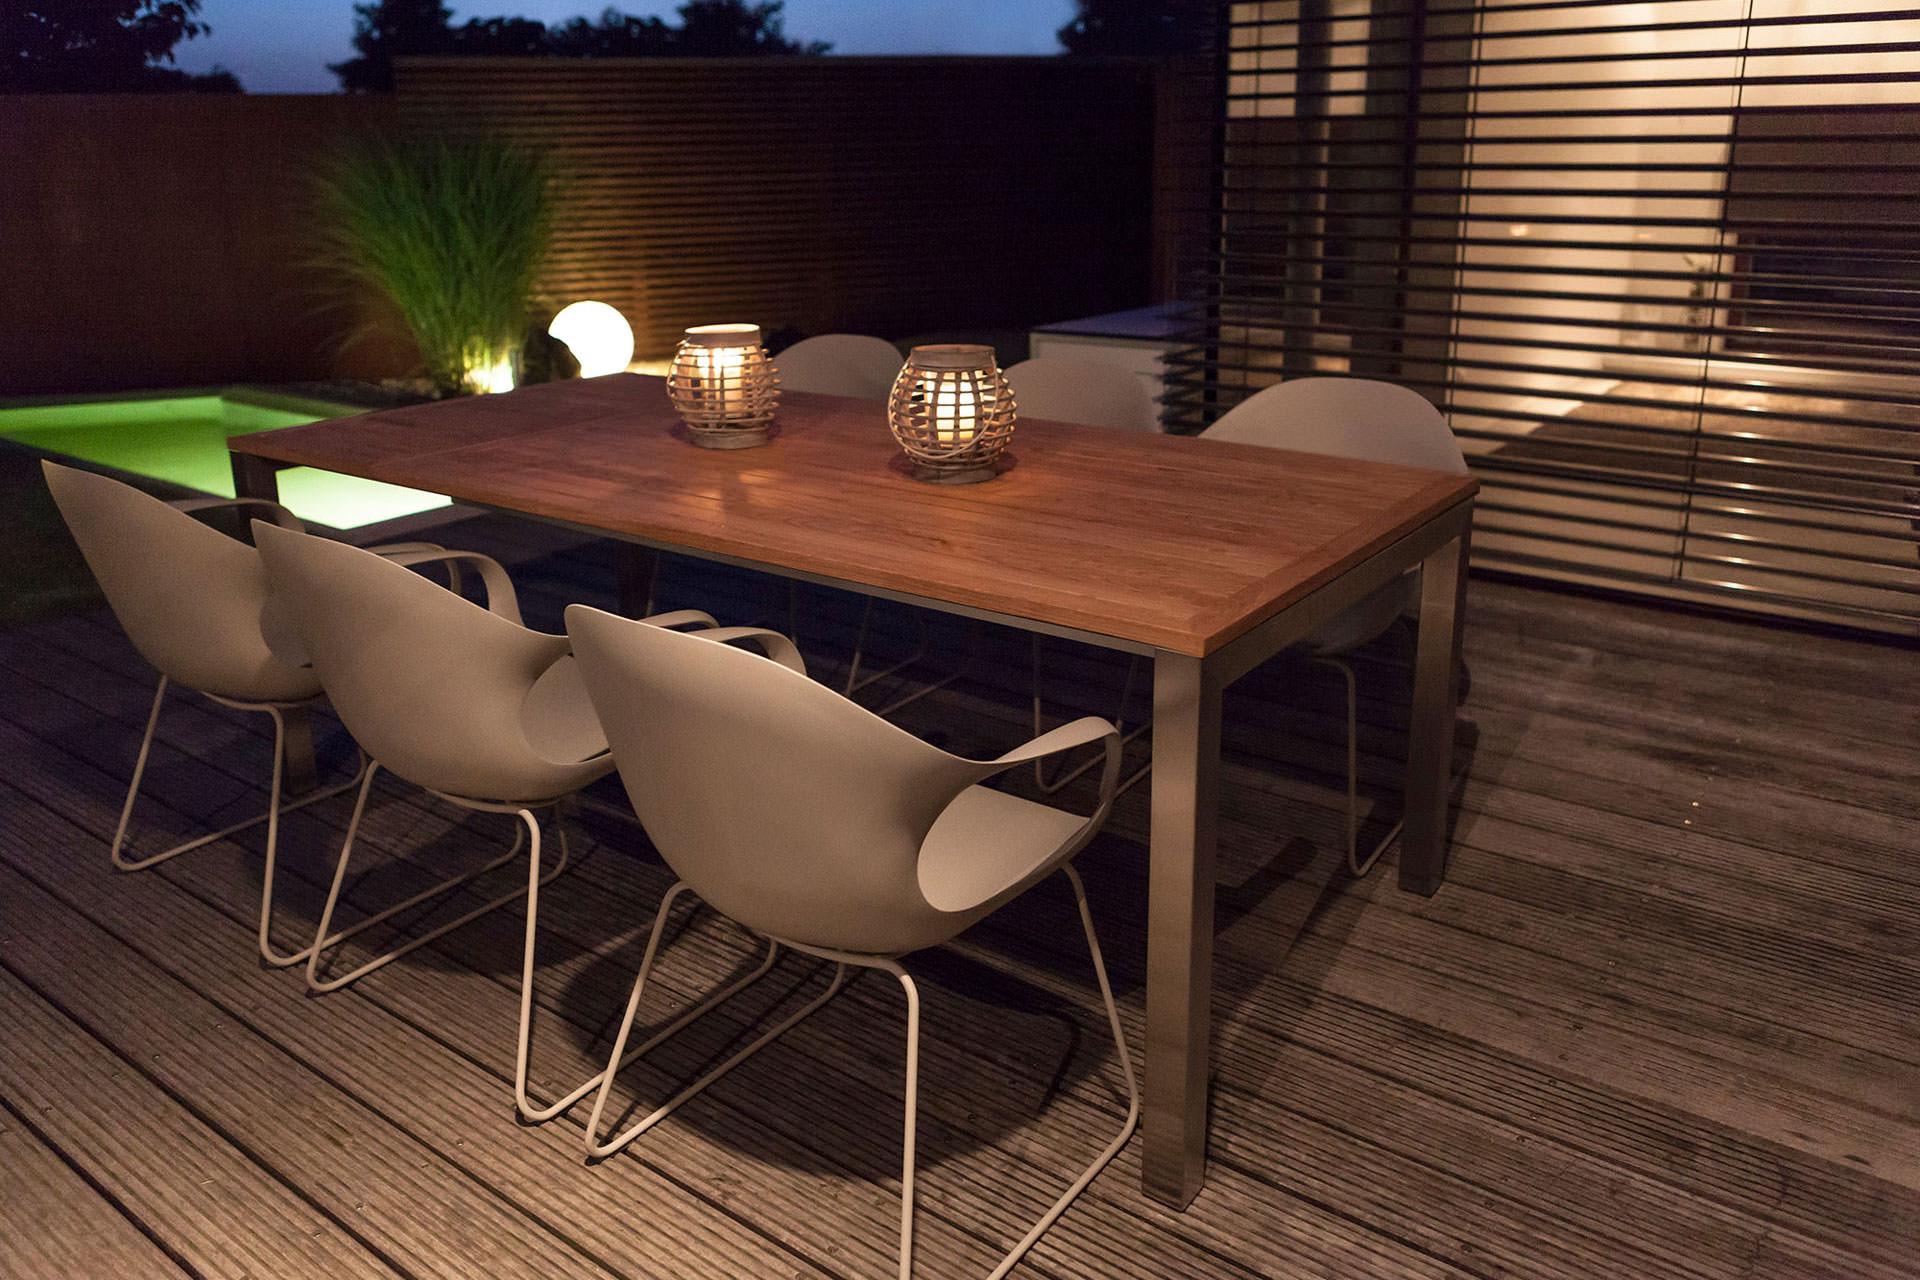 Gartentisch-KUBUS-ausziehbar-Gestell-Edelstahl-Tischplatte-Teak-1